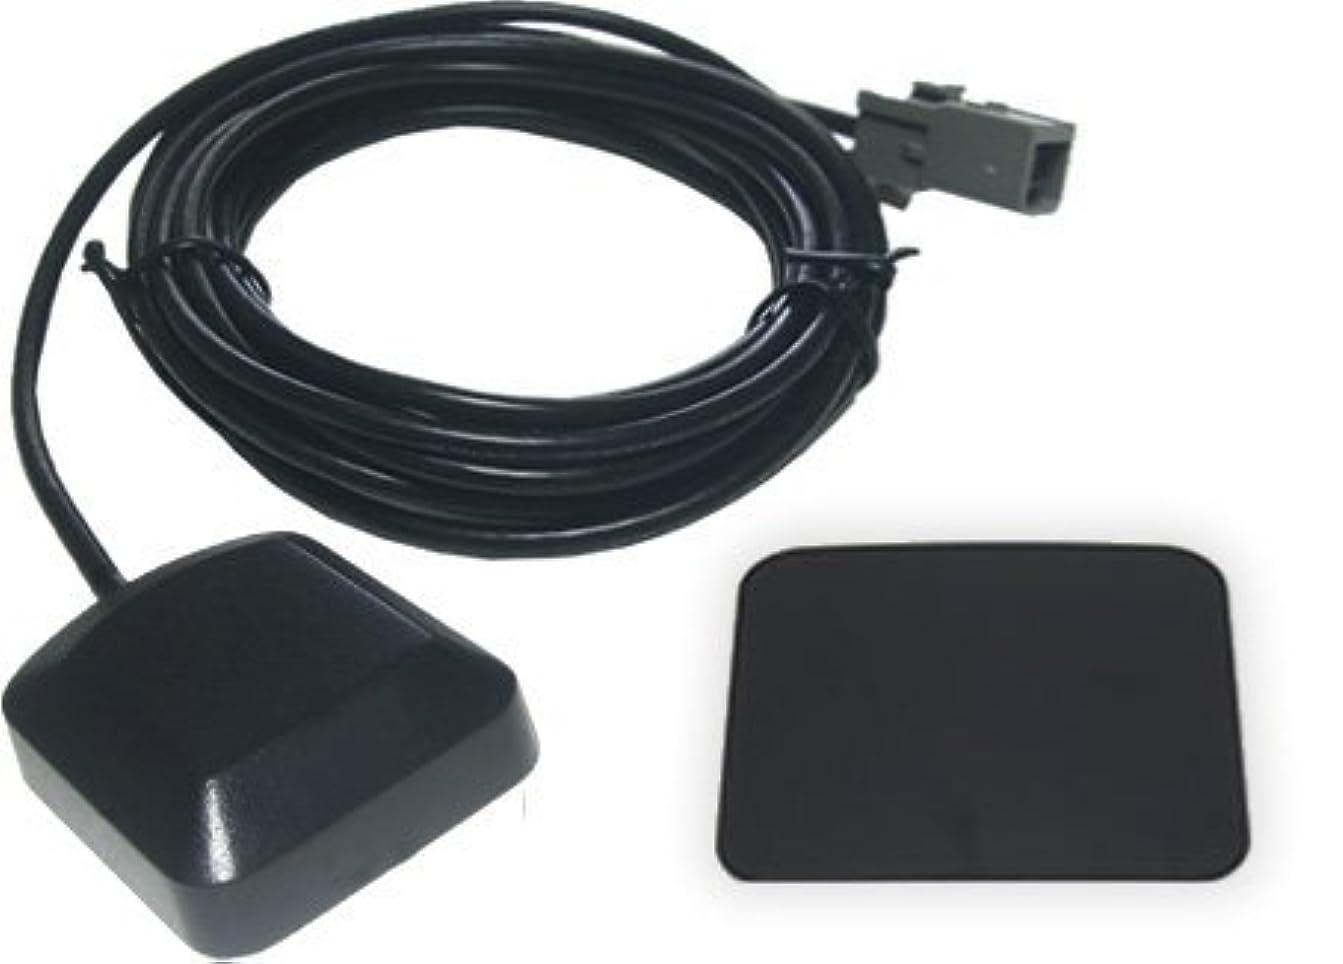 伝統民間勤勉MDV-Z702 対応 ケンウッド 汎用 GPSアンテナ + GPSプレート セット 【低価格なのに高感度】